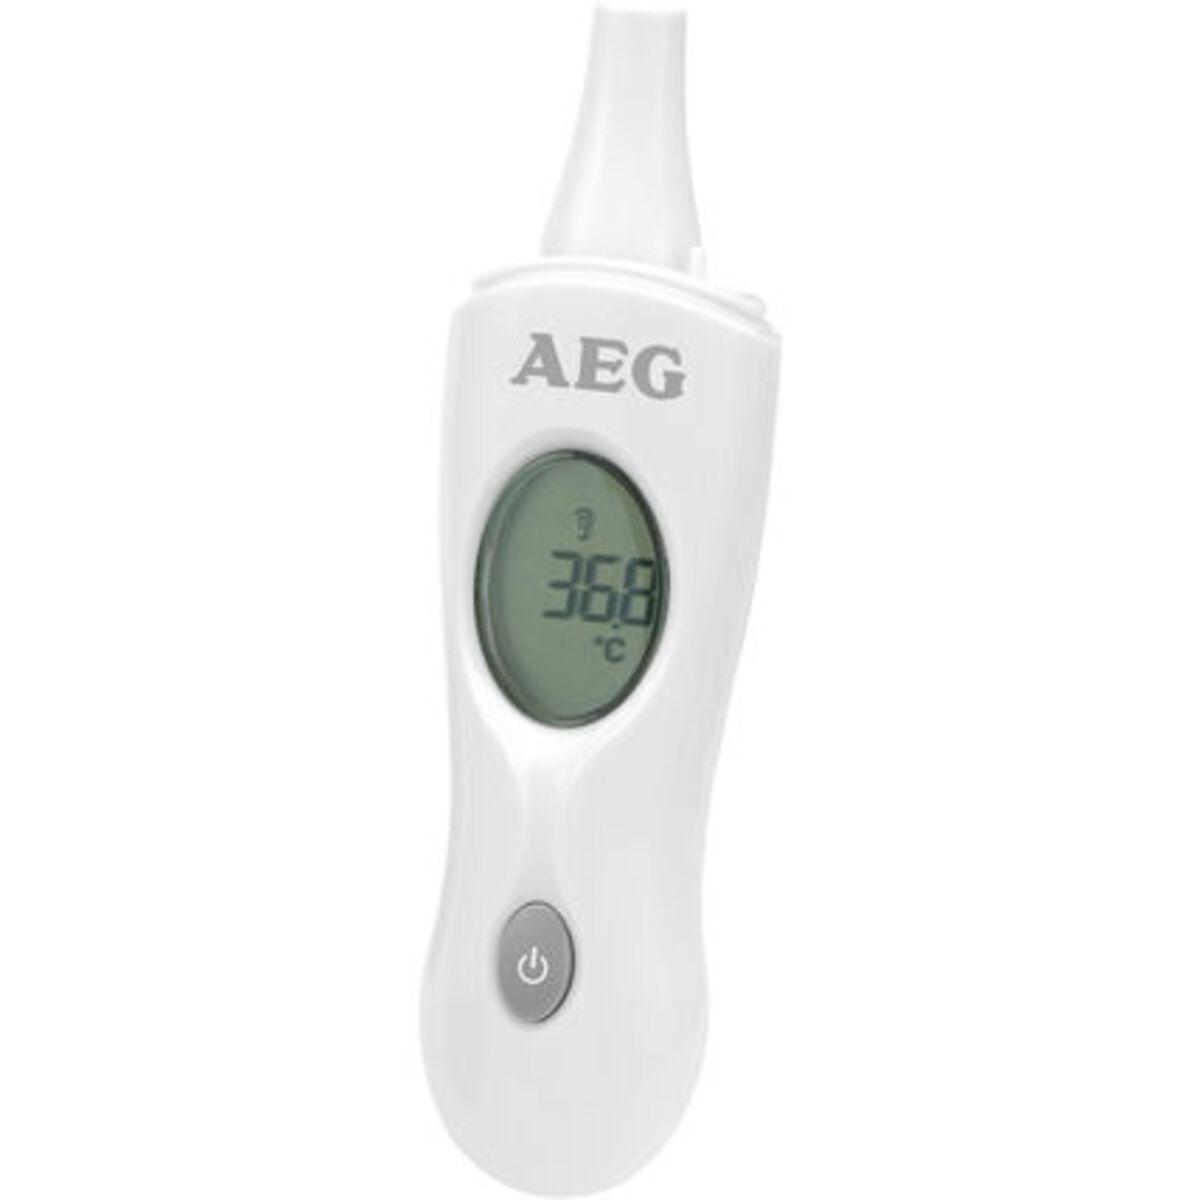 Bild 1 von AEG Infrarot-Thermometer FT 4925, Ohr-/Stirnmessung, 4in1, Ein-Knopf-Messung, weiß/grau